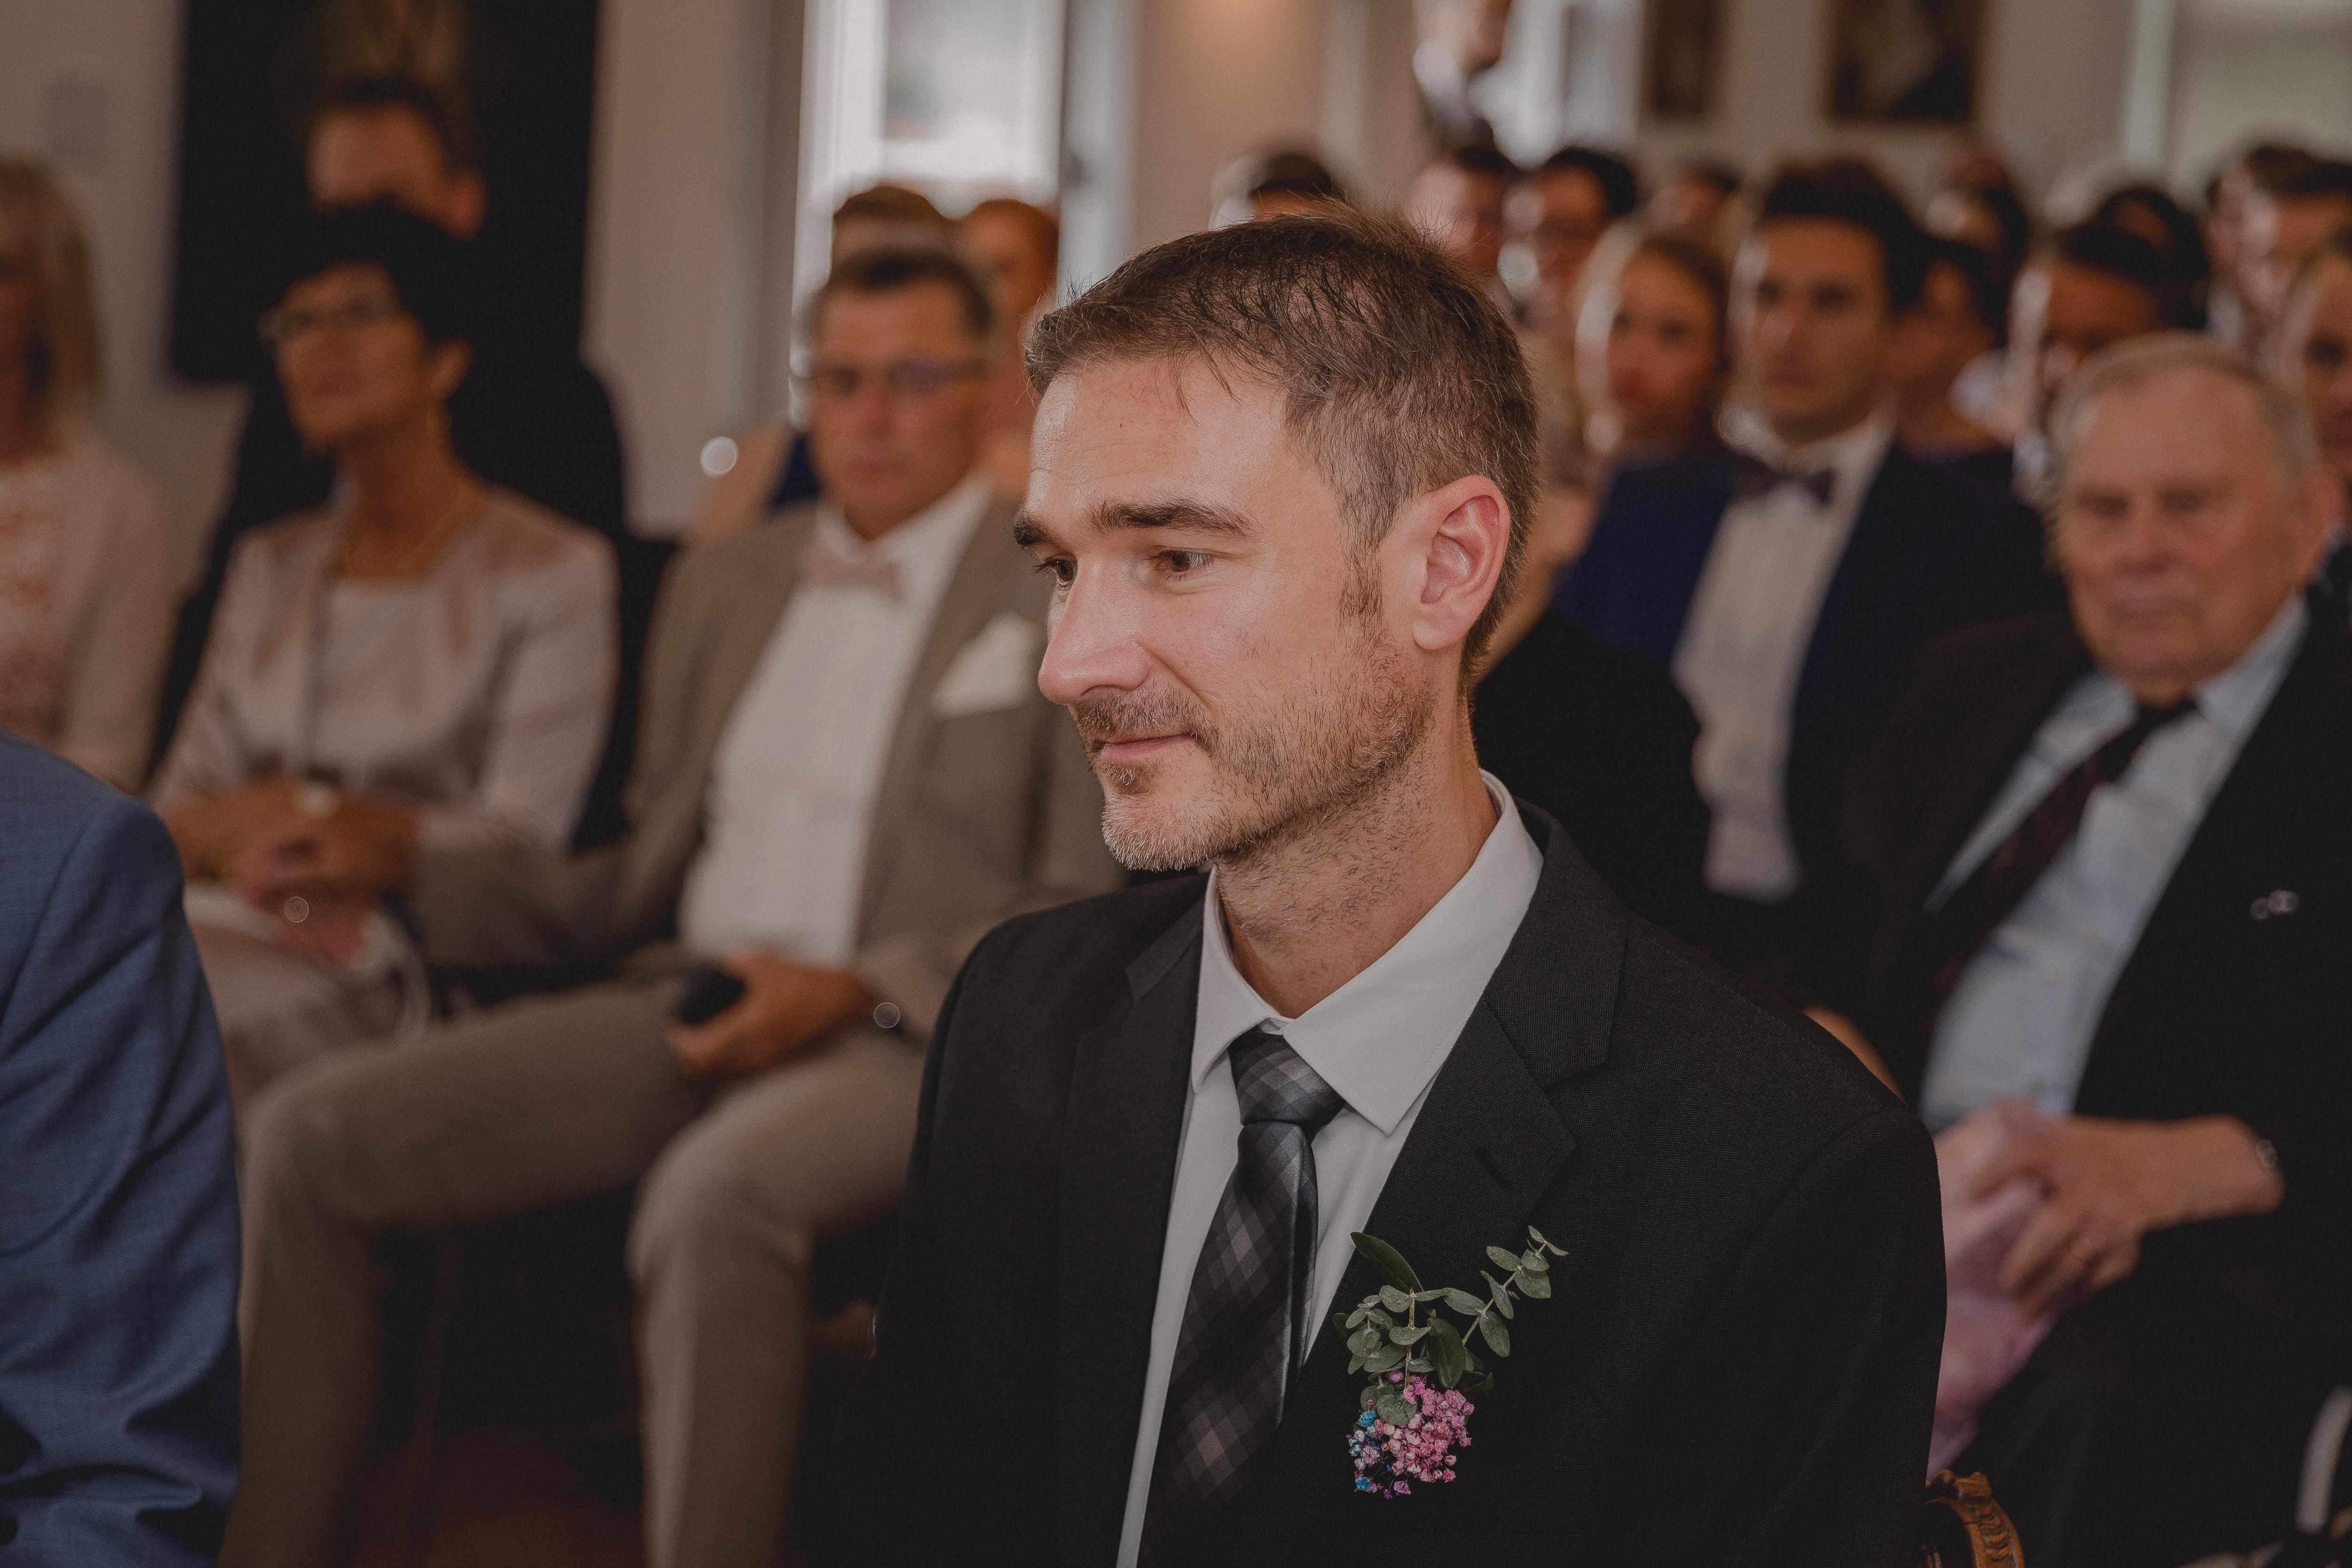 Hochzeitsfotograf-Nuernberg-Design-Offices-Urbanerie-Sabrina-und-Simon-029